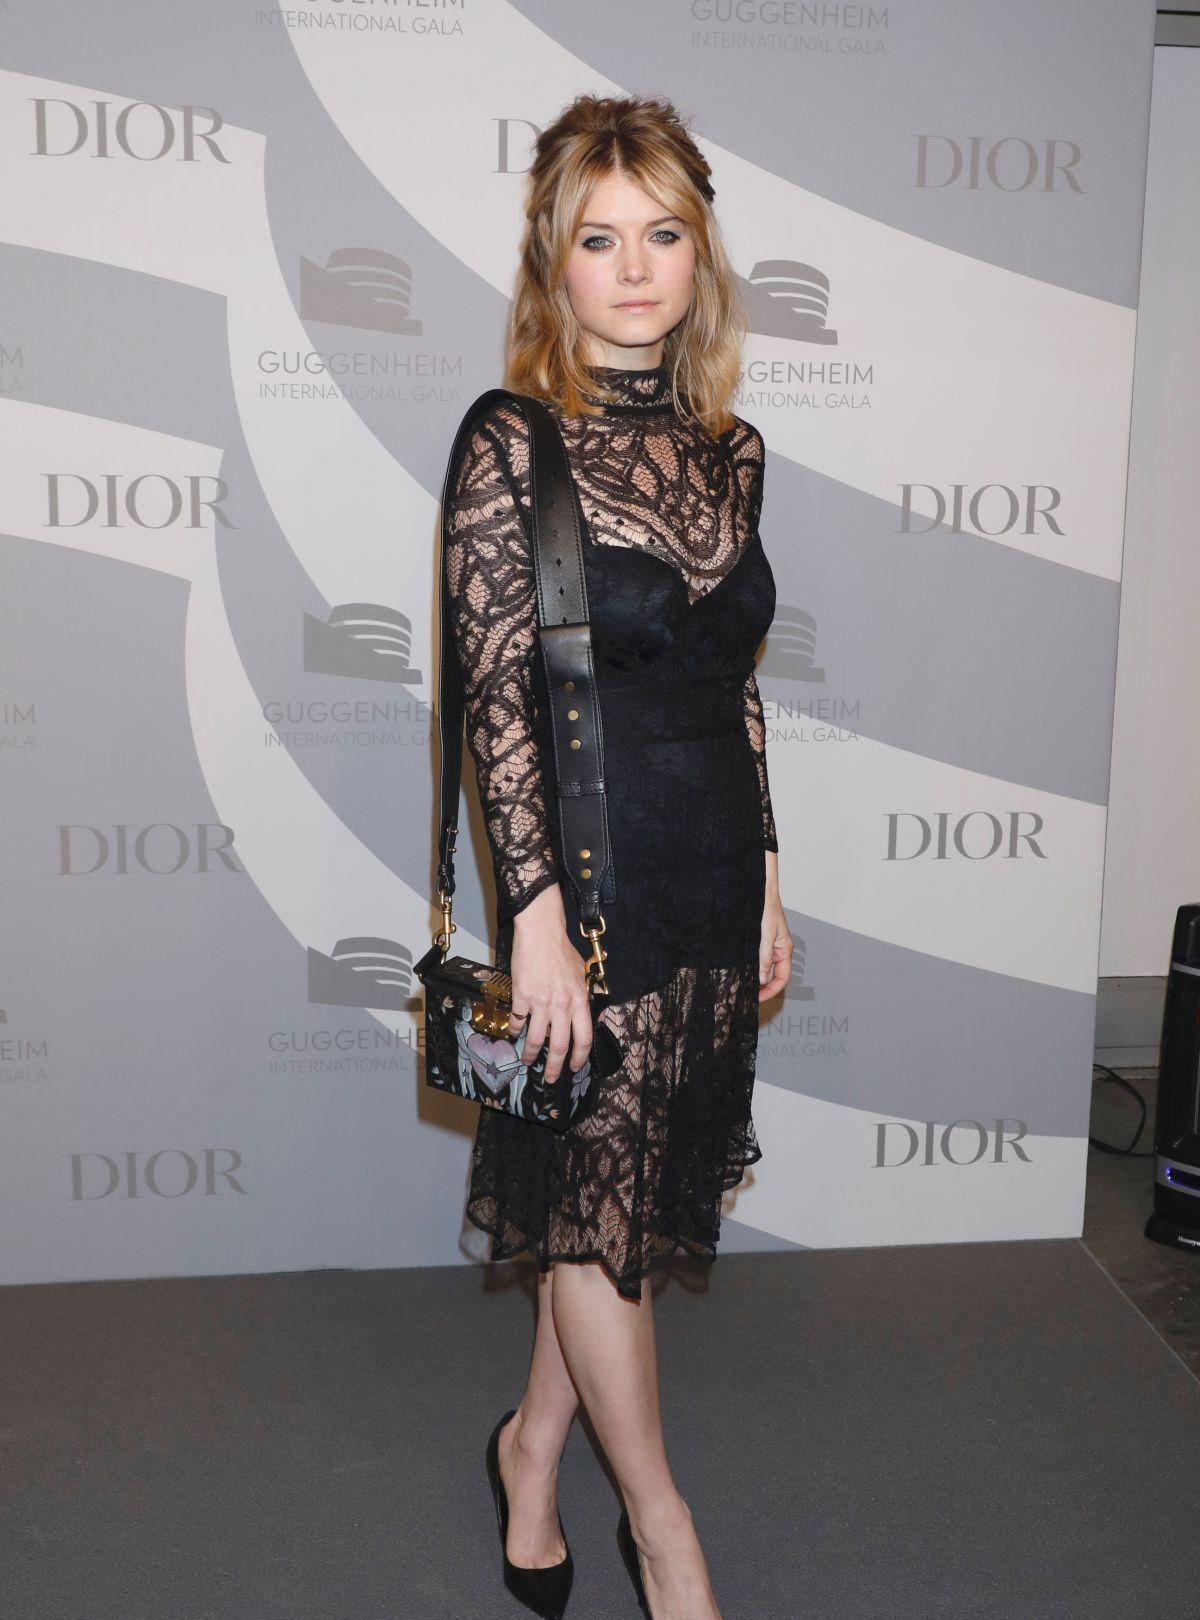 女星莎拉·琼斯现身纽约时尚站台,她有着优雅的气质